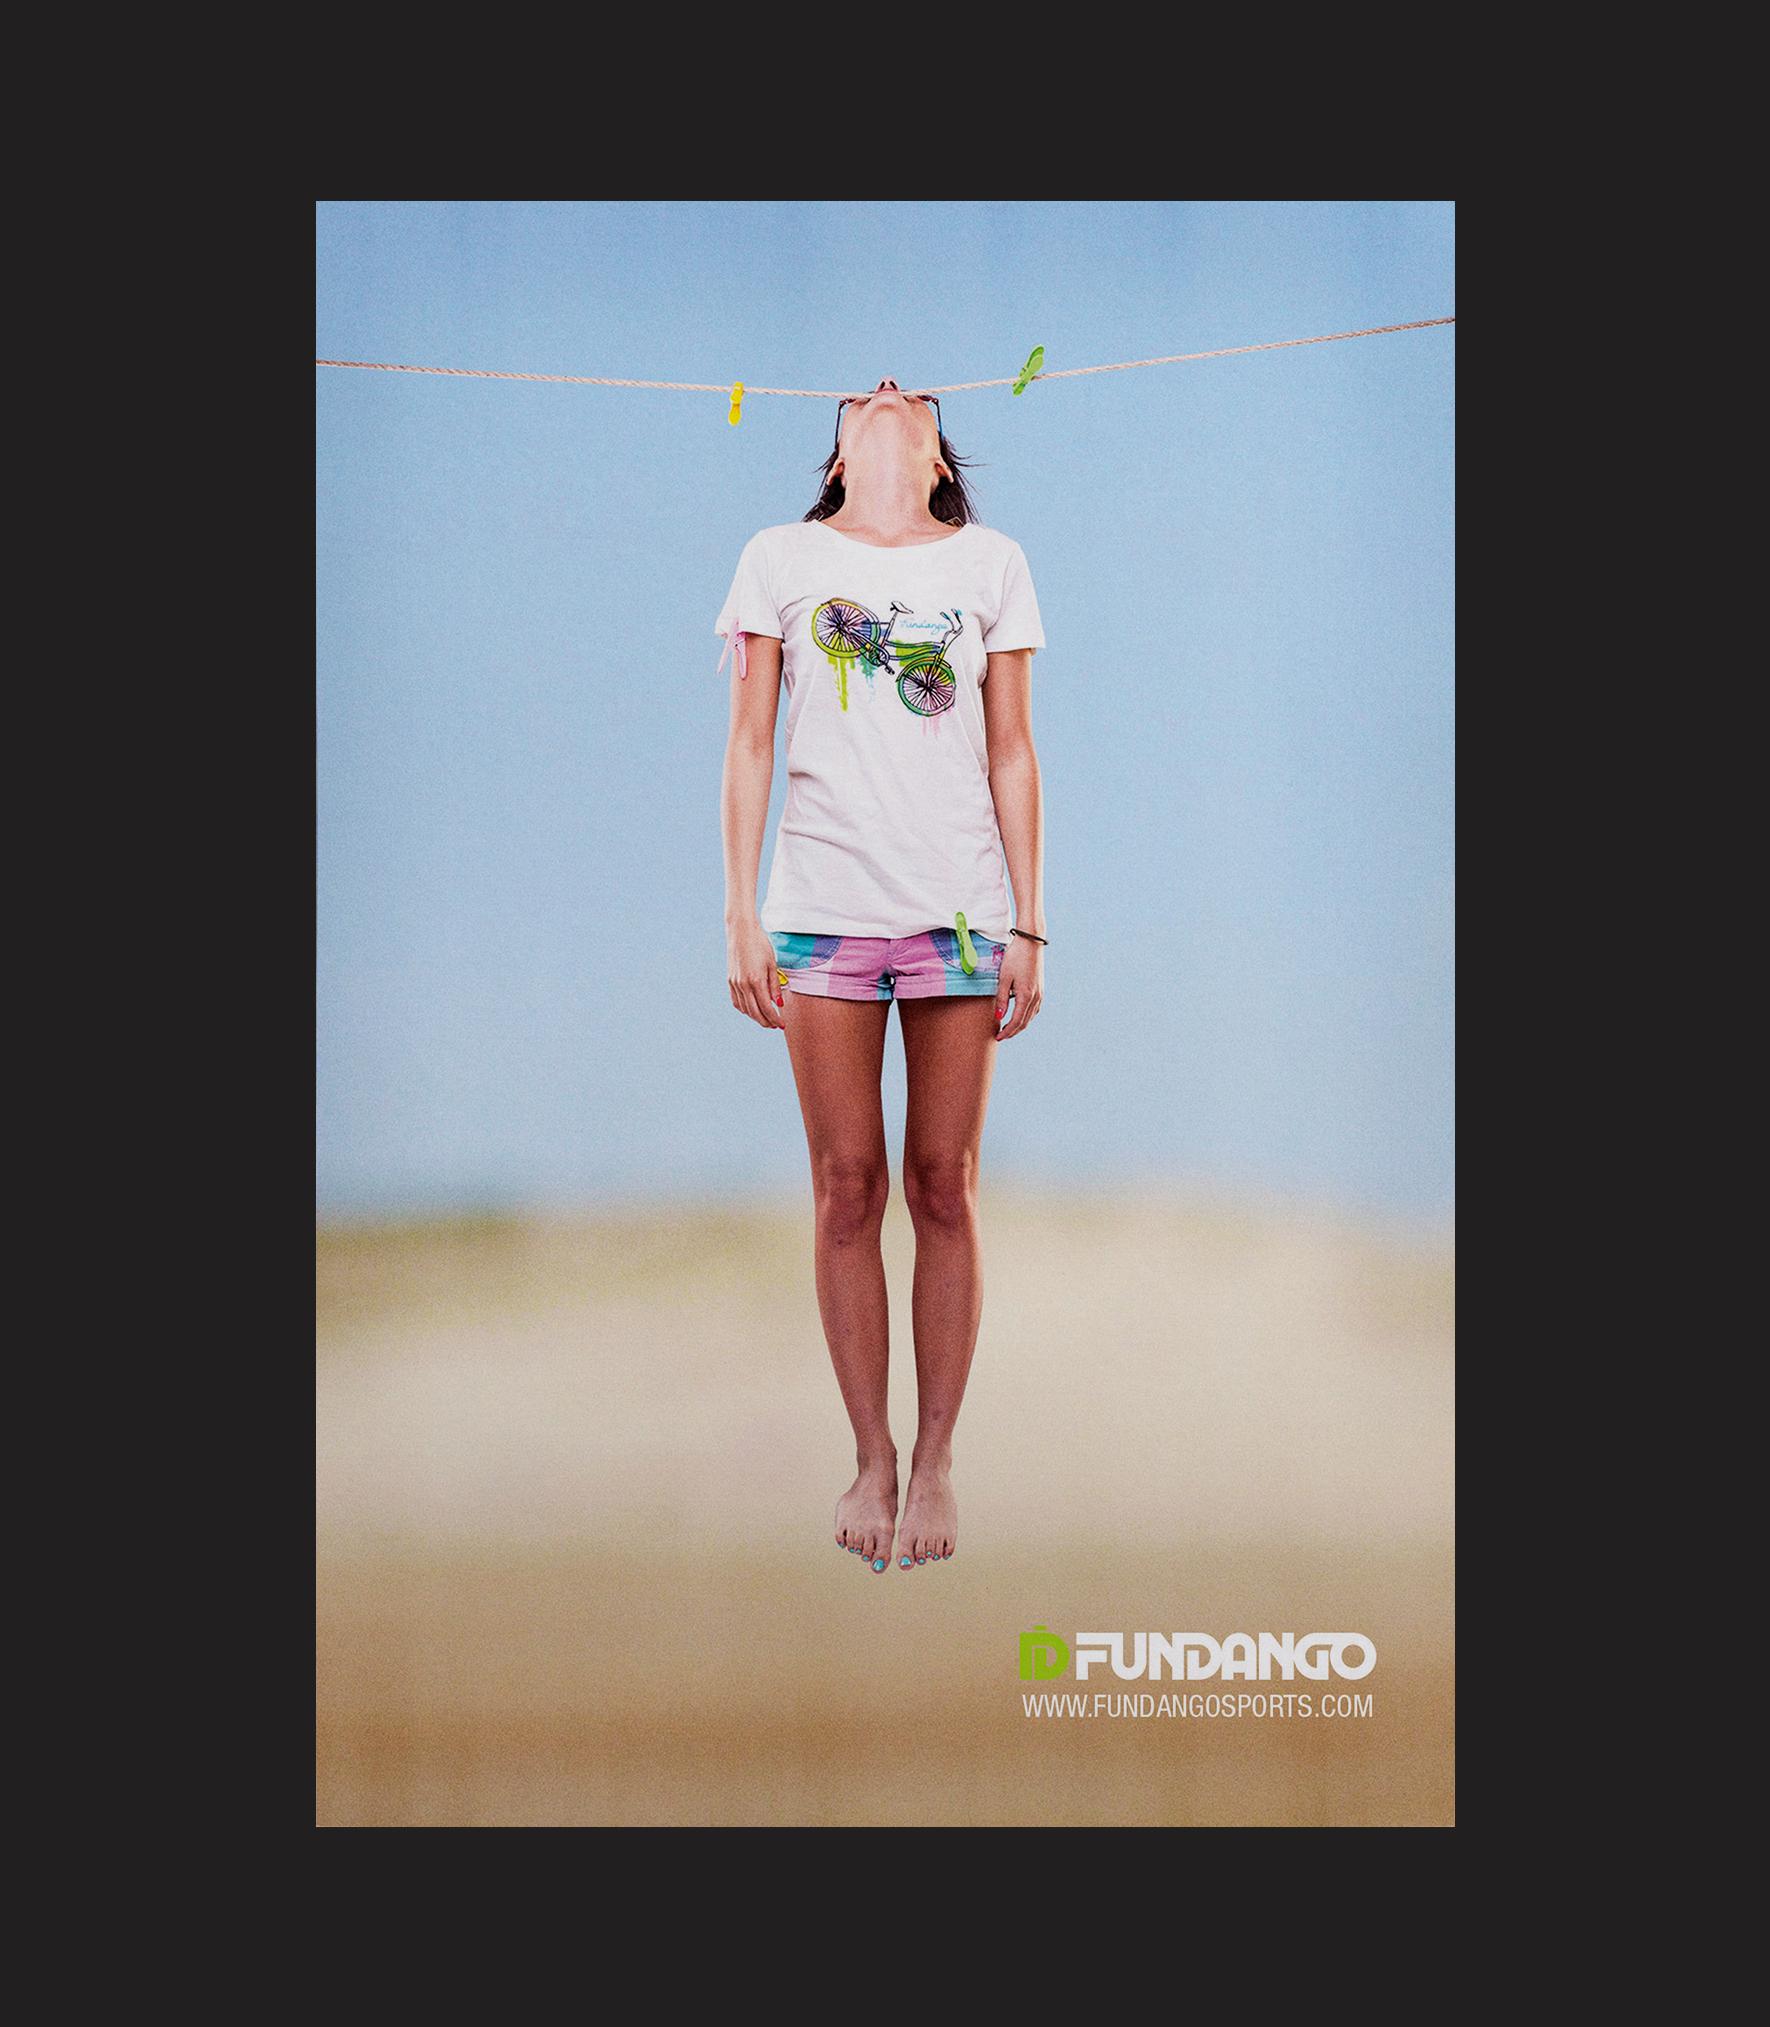 HEYTHERE, kreatívügynökség, reklámügynökség, Fundango